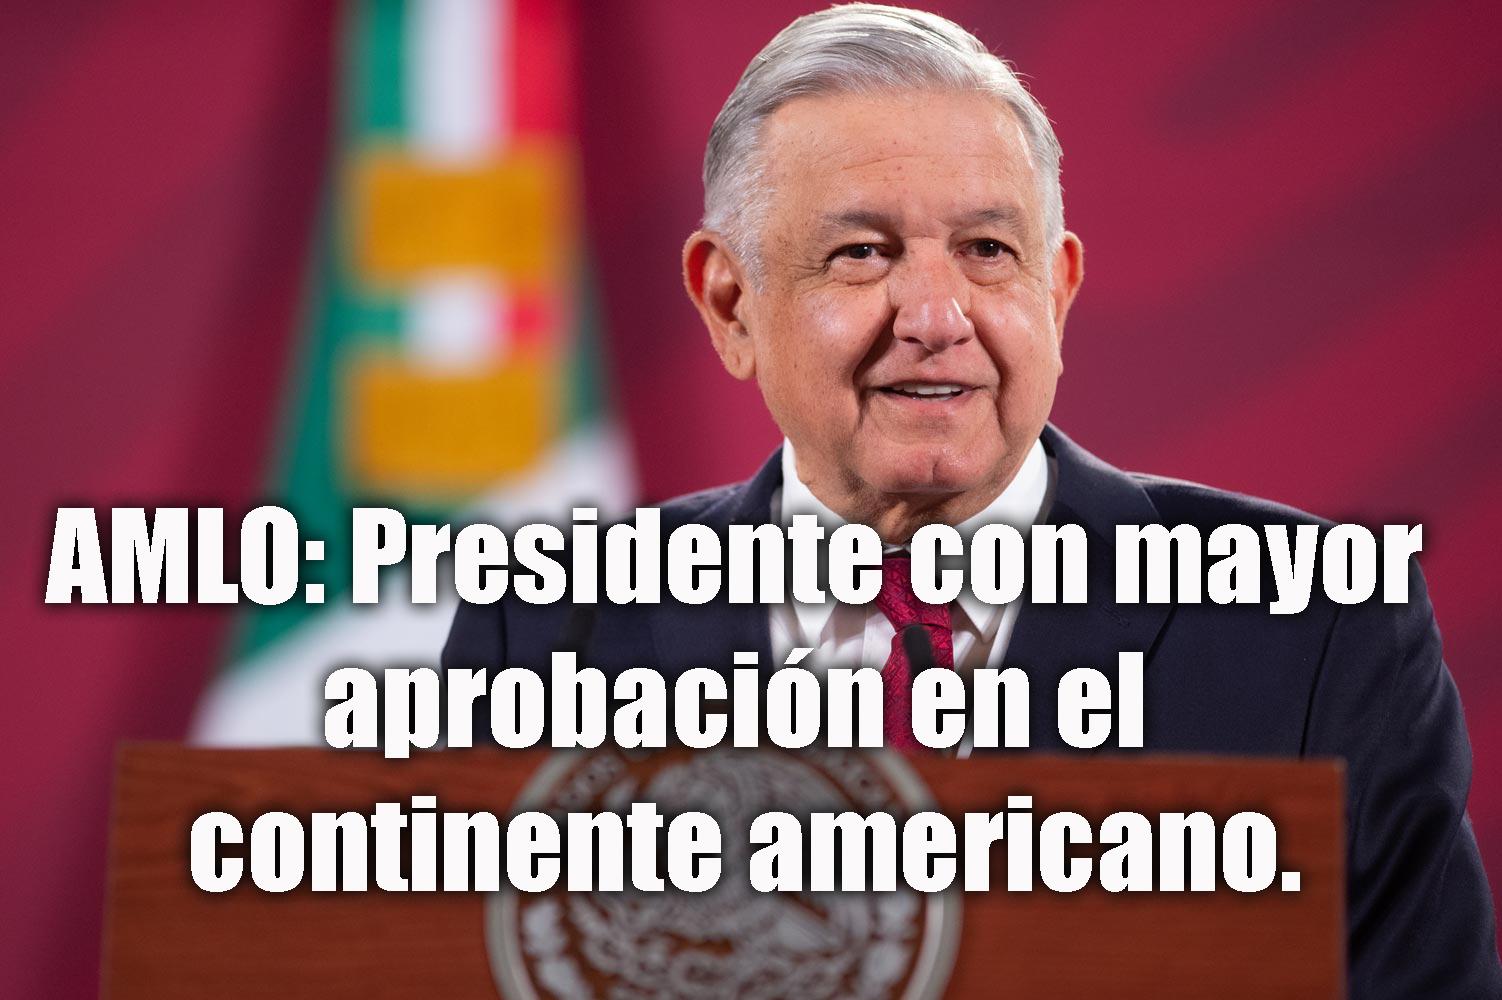 Sábado 2 de enero de 2021 - De acuerdo a Morning Consult, el presidente mexicano Andrés Manuel López Obrador (AMLO) es el líder nacional con mayor aprobación en el continente americano y segundo mejor lider en el mundo.  Foto por gobierno mexicano.